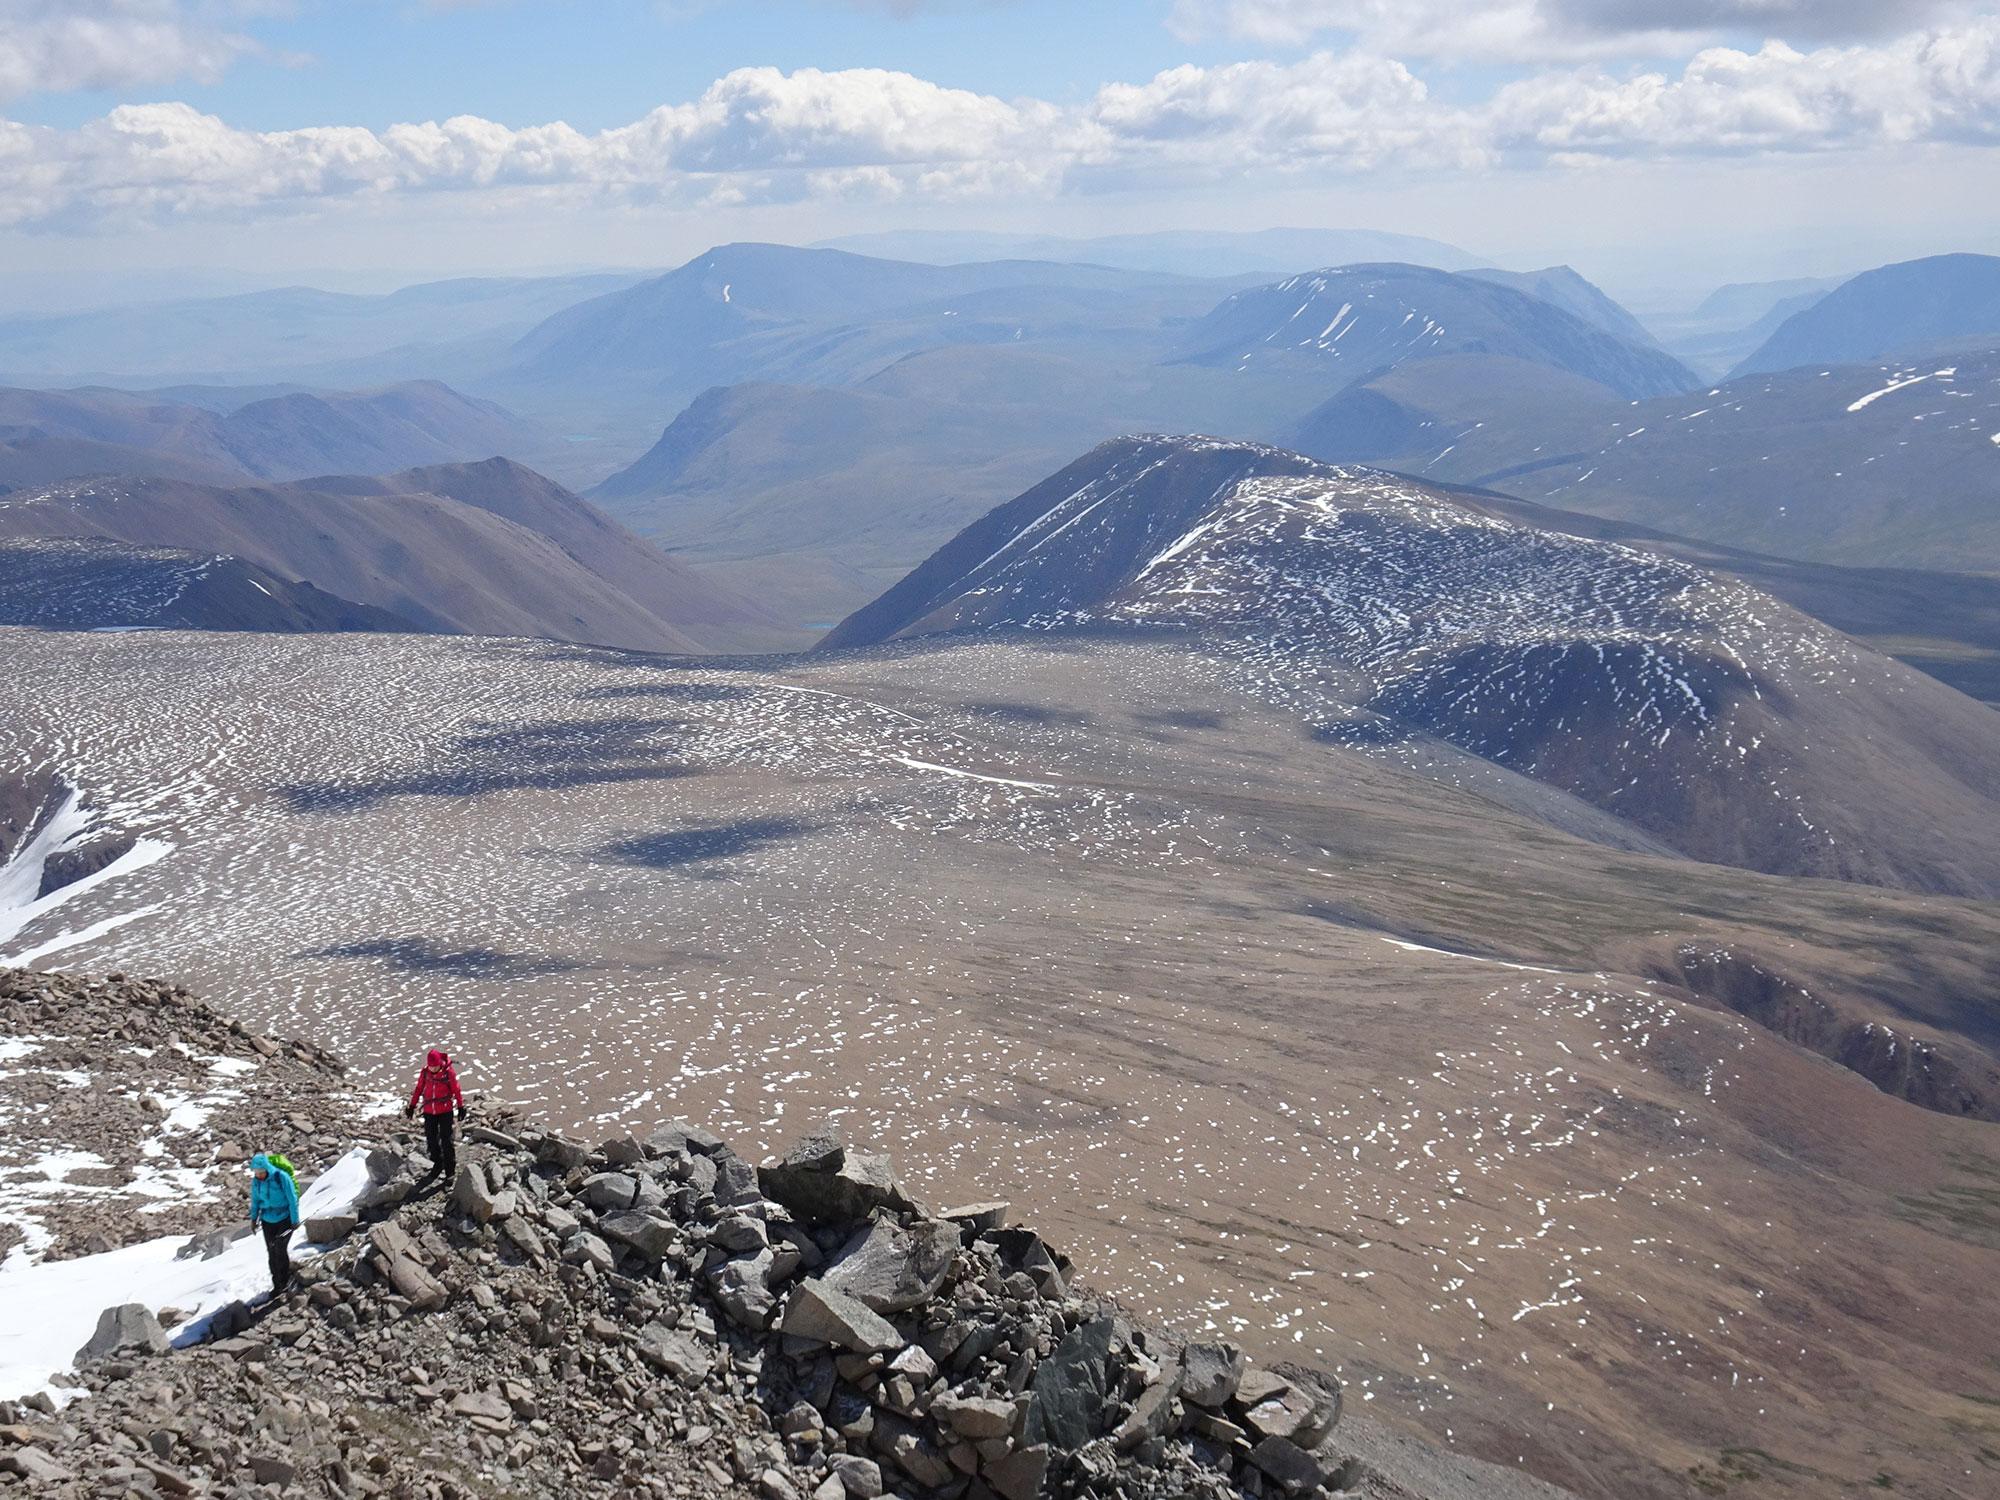 Trek vers l'Altaï : un condensé de quasiment toute la Mongolie !